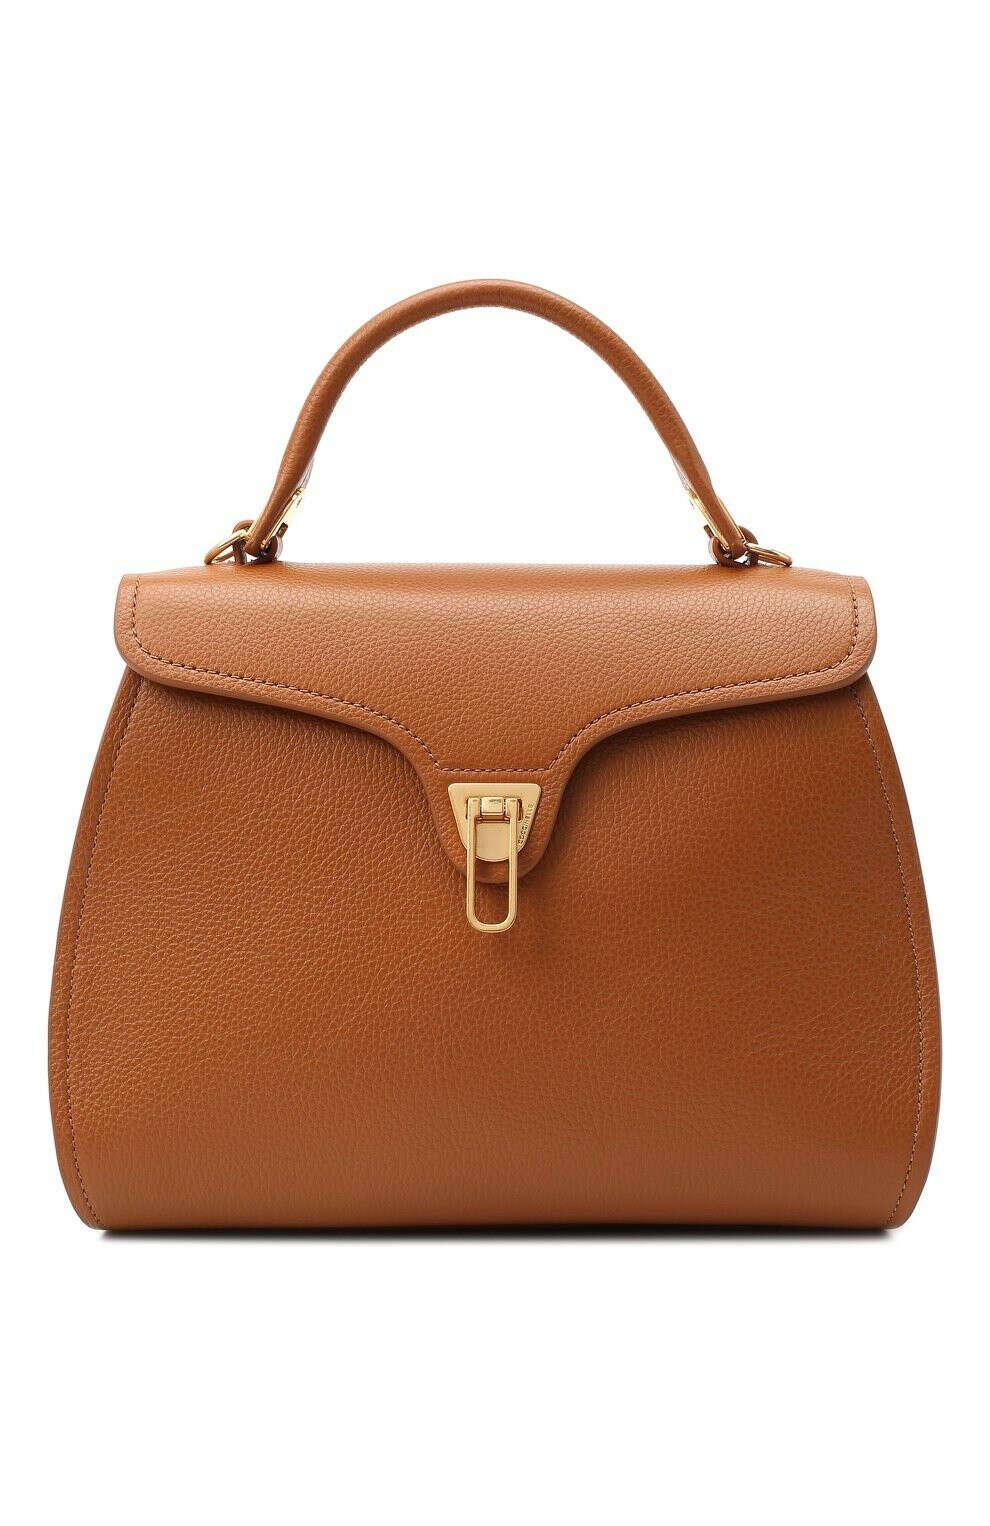 Женская коричневая сумка marvin medium COCCINELLE — купить за 33900 руб. в интернет-магазине ЦУМ, арт. E1 GP0 18 03 01